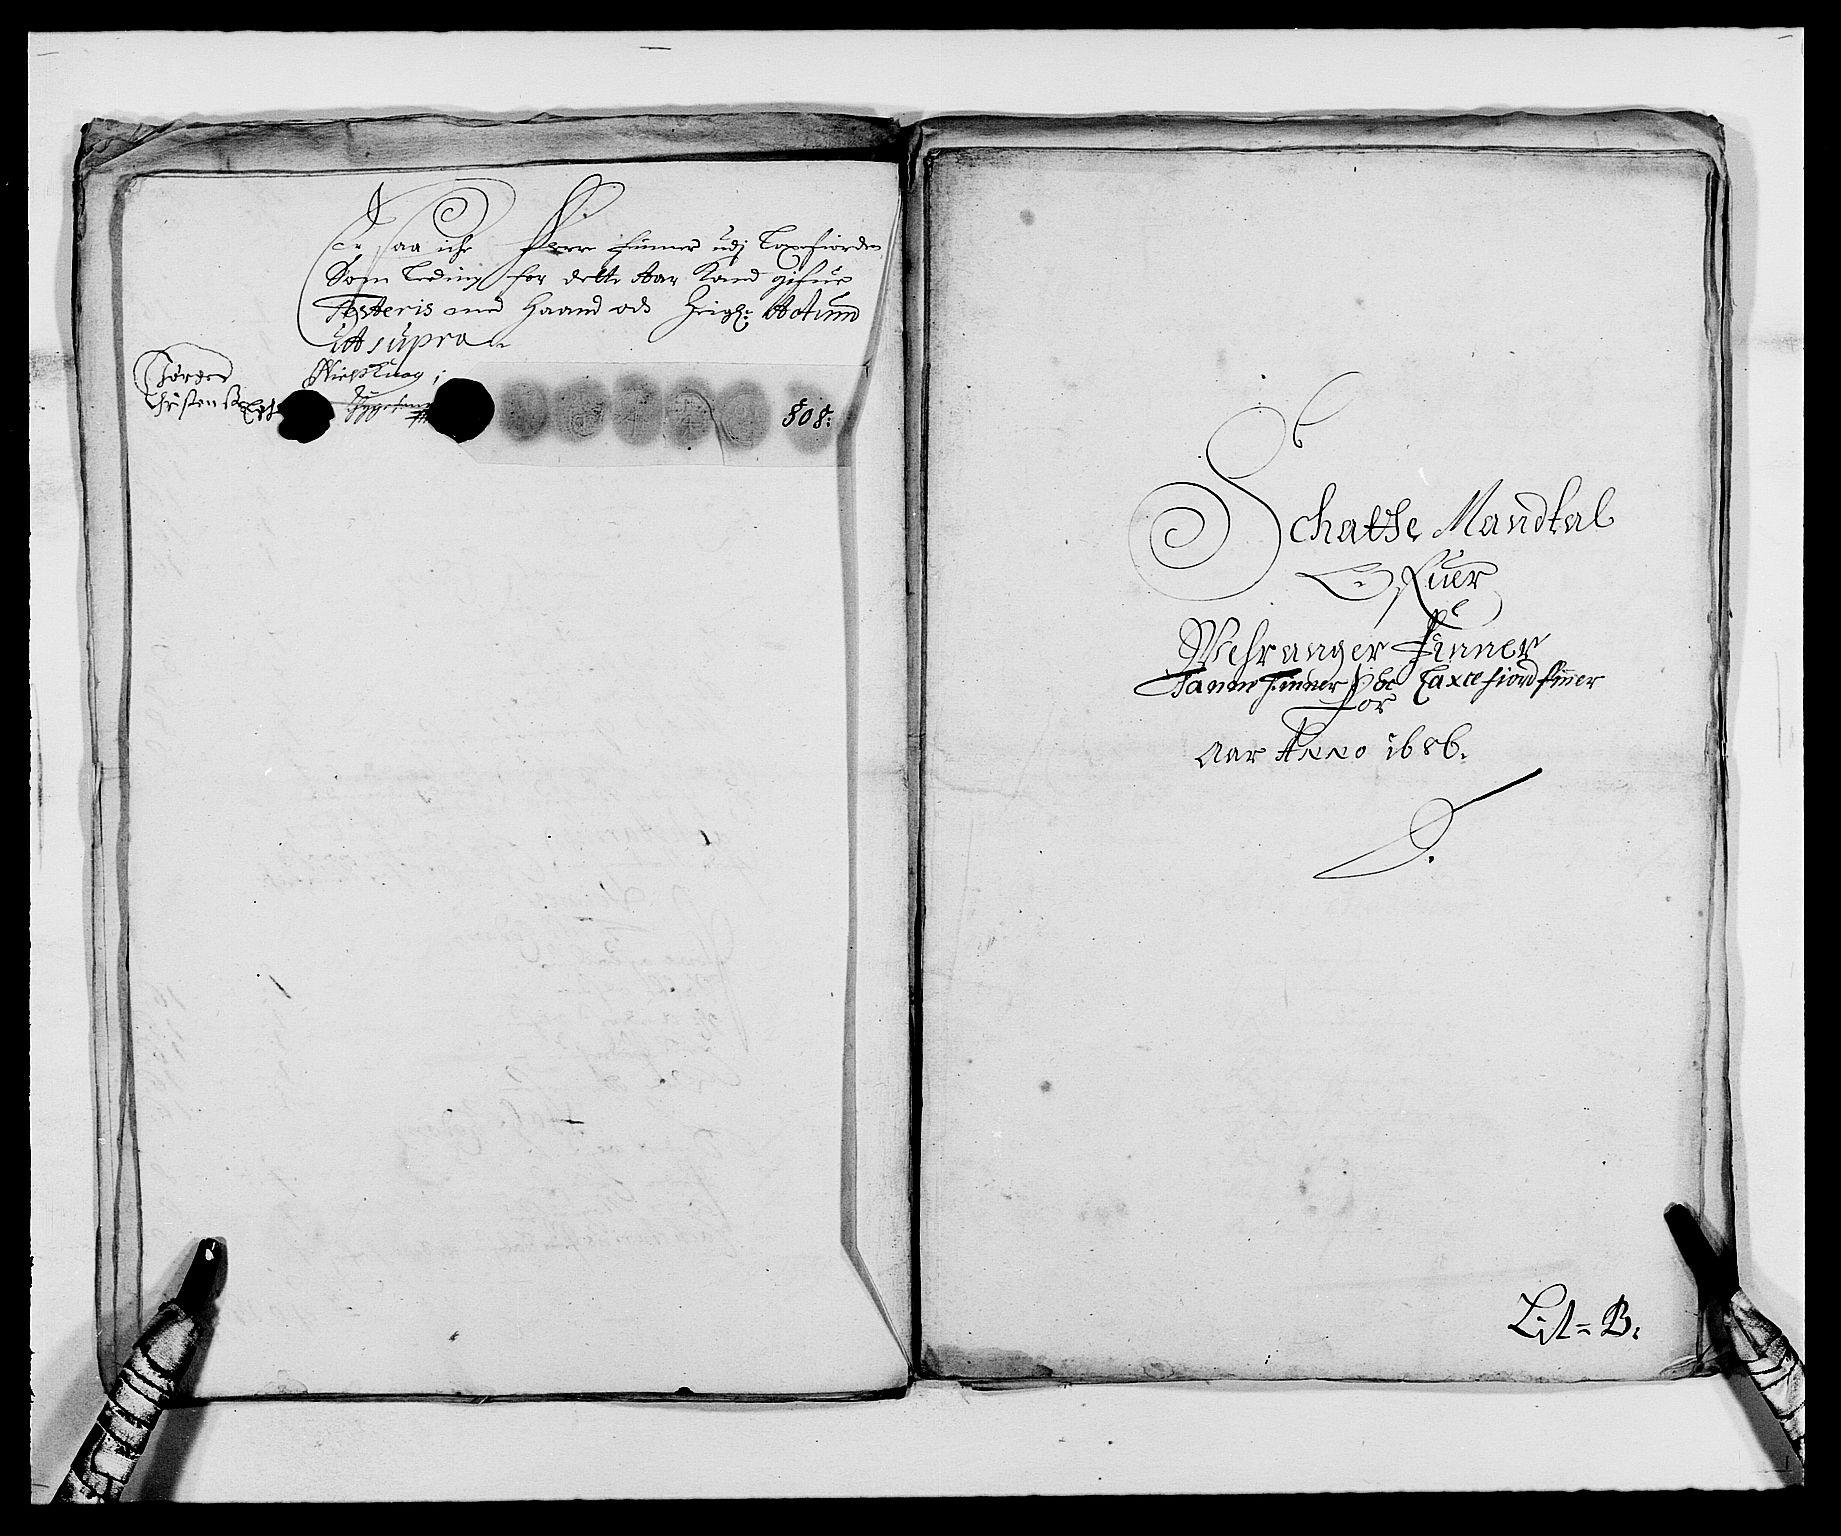 RA, Rentekammeret inntil 1814, Reviderte regnskaper, Fogderegnskap, R69/L4850: Fogderegnskap Finnmark/Vardøhus, 1680-1690, s. 47